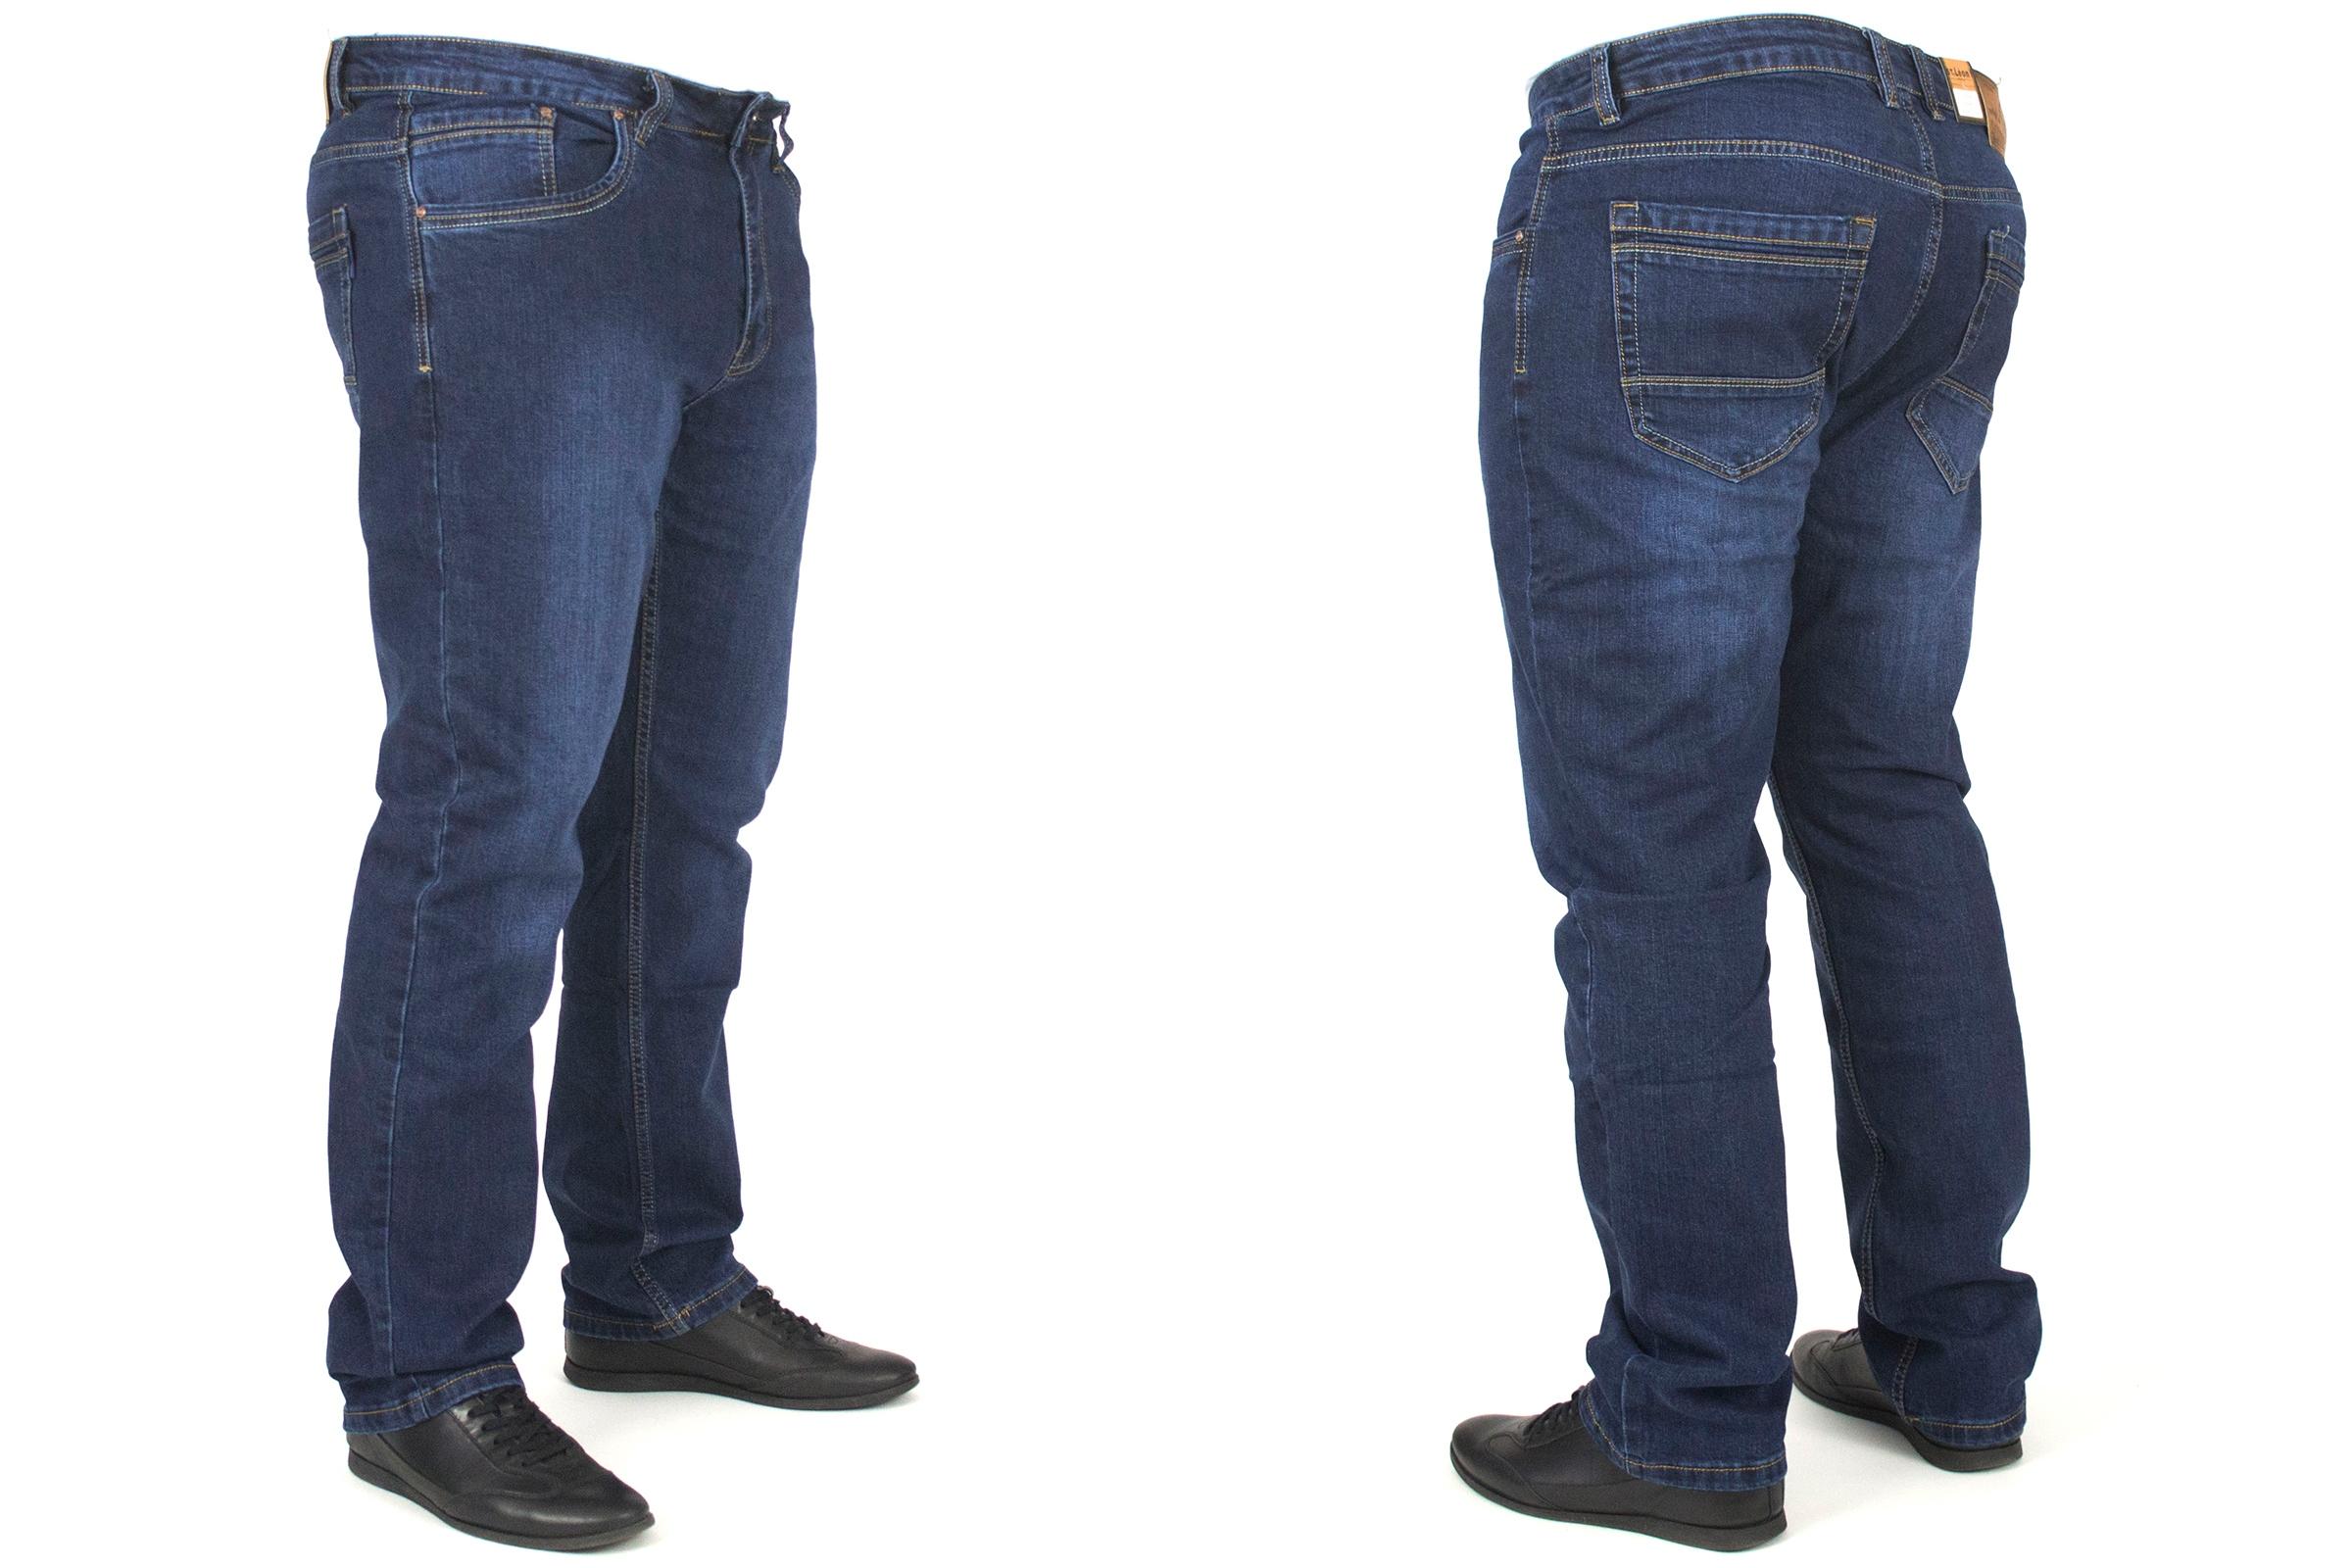 4bbe5023 Spodnie męskie jeans W:43 Pas 116CM S2024 7598741712 - Allegro.pl